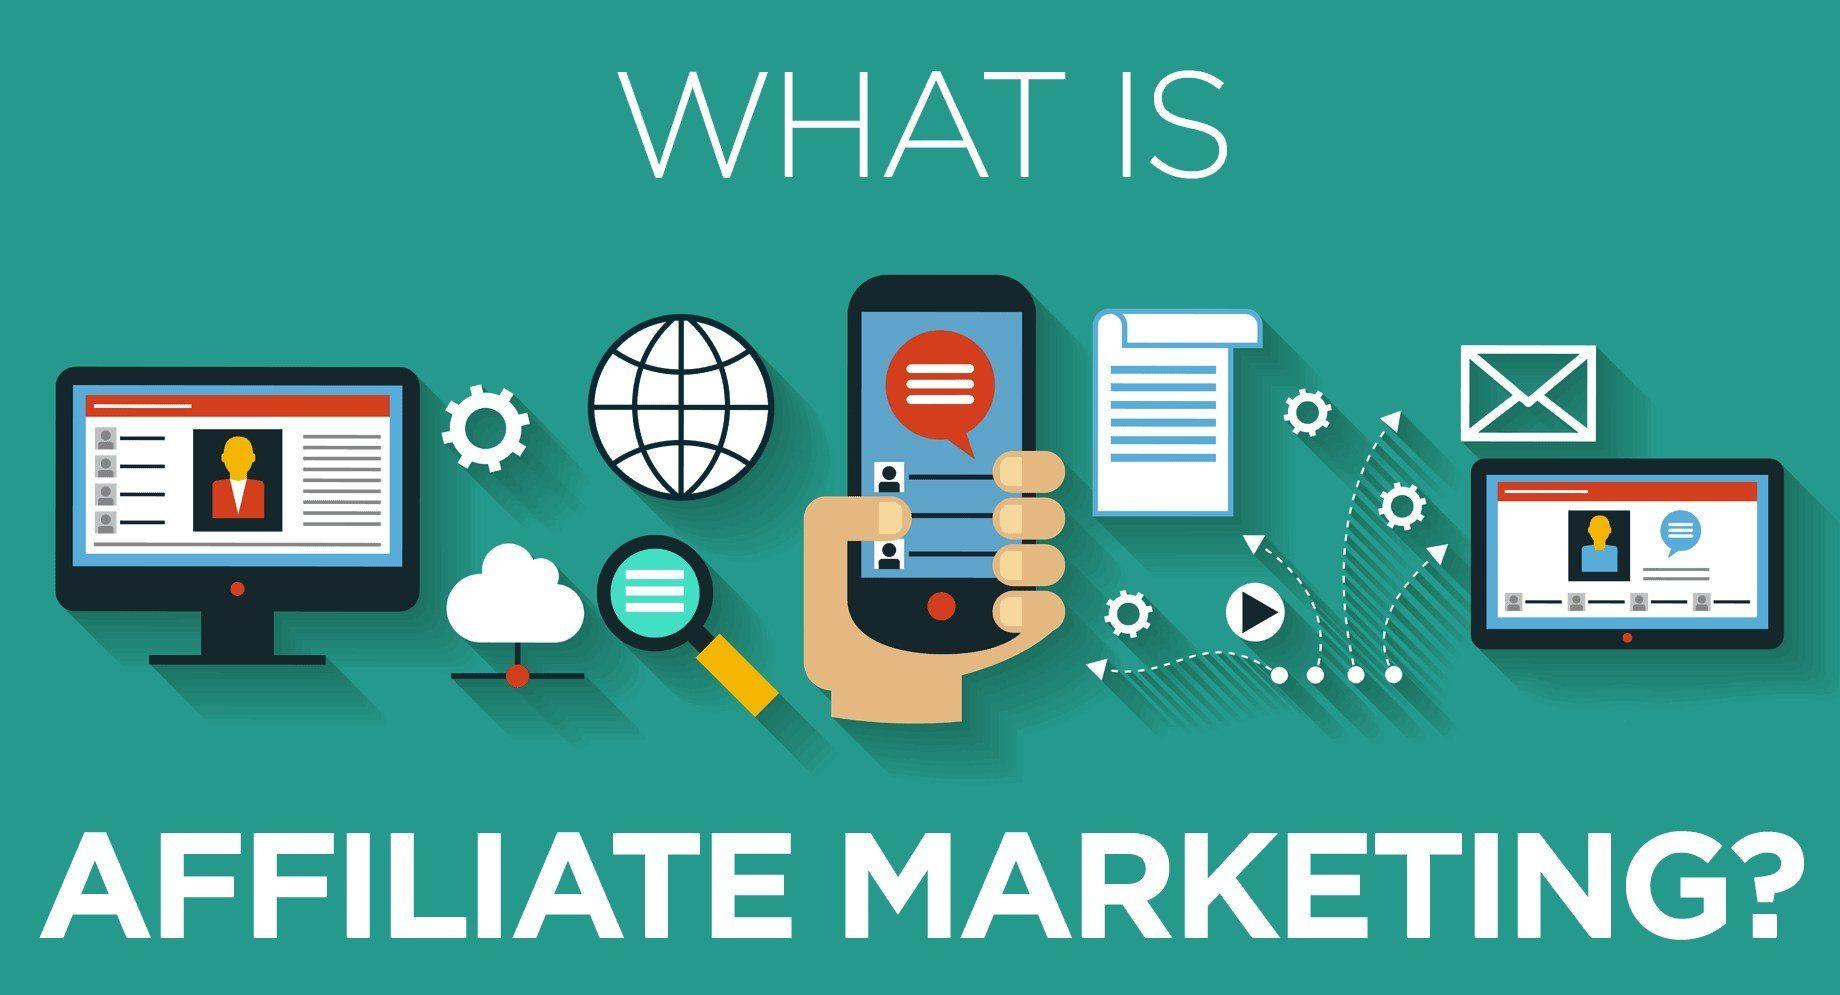 Tiếp thị liên kết dần được nhiều doanh nghiệp sử dụng để đưa sản phẩm của mình đến gần hơn với công chúng thông qua những người có tầm ảnh hưởng nhất định trong lĩnh vực liên quan.